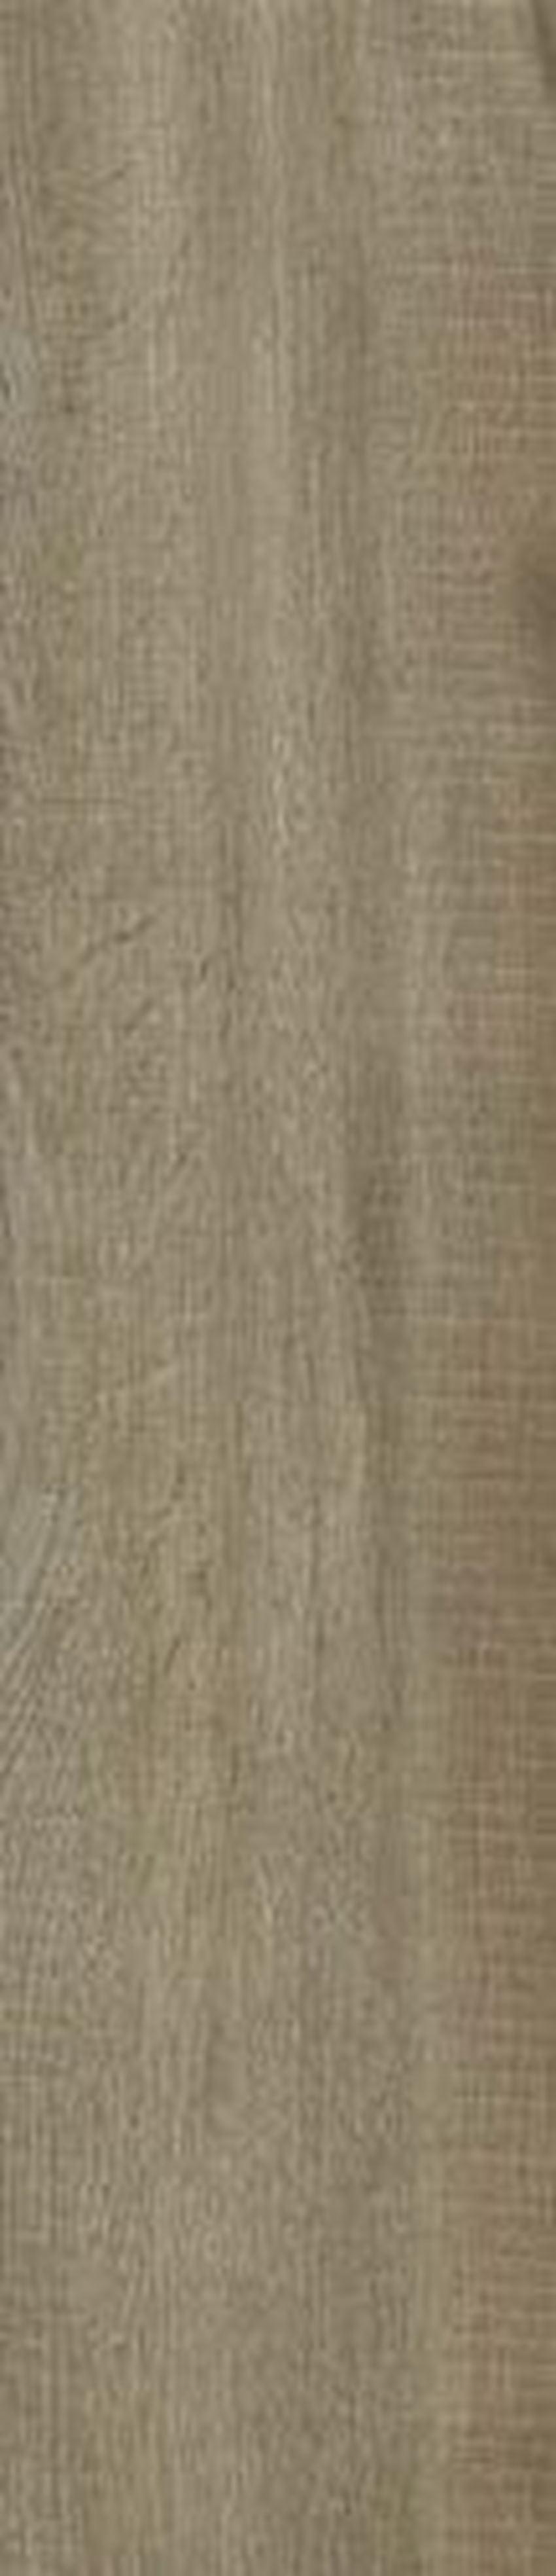 Płytka ścienno-podłogowa 19,4x90 cm Paradyż Tammi Naturale Gres Szklany Rektyfikowany Mat